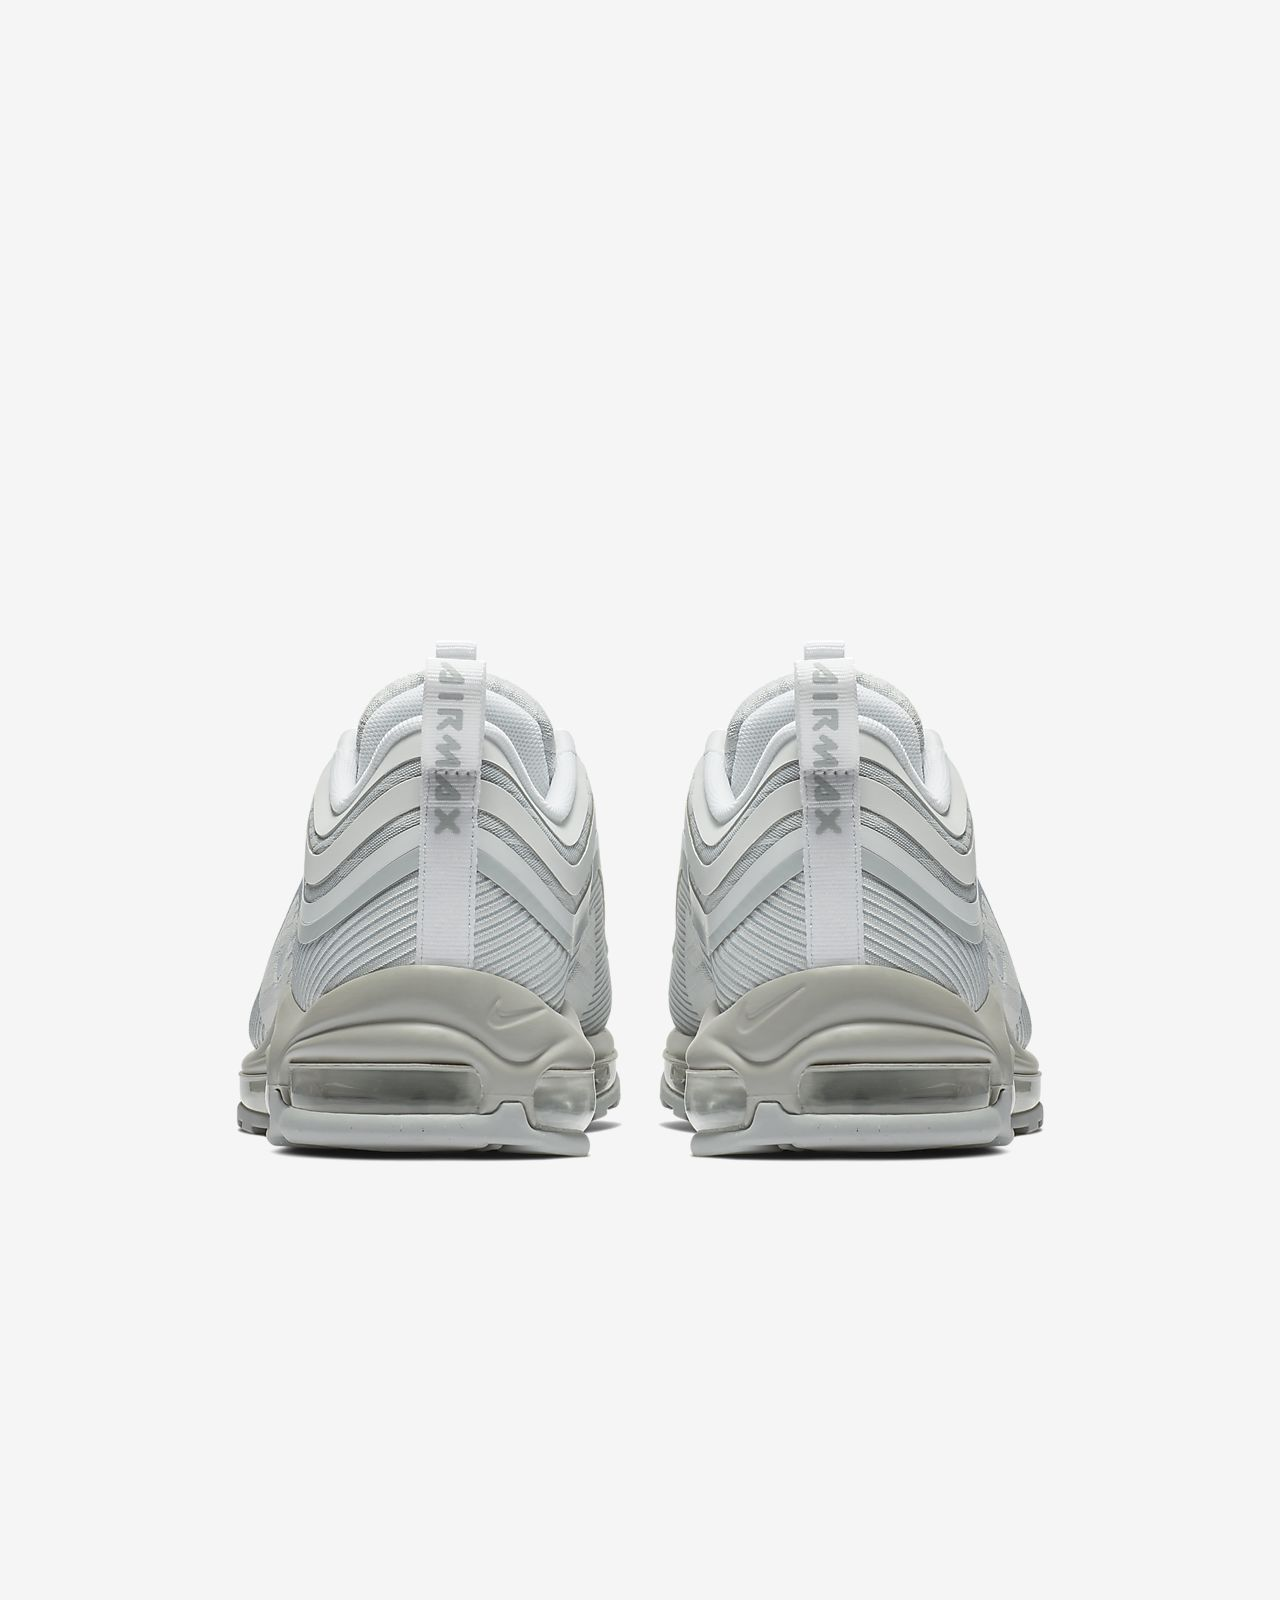 Comprar Nike Air Max 97 Ultra 17 Hombre y Mujer